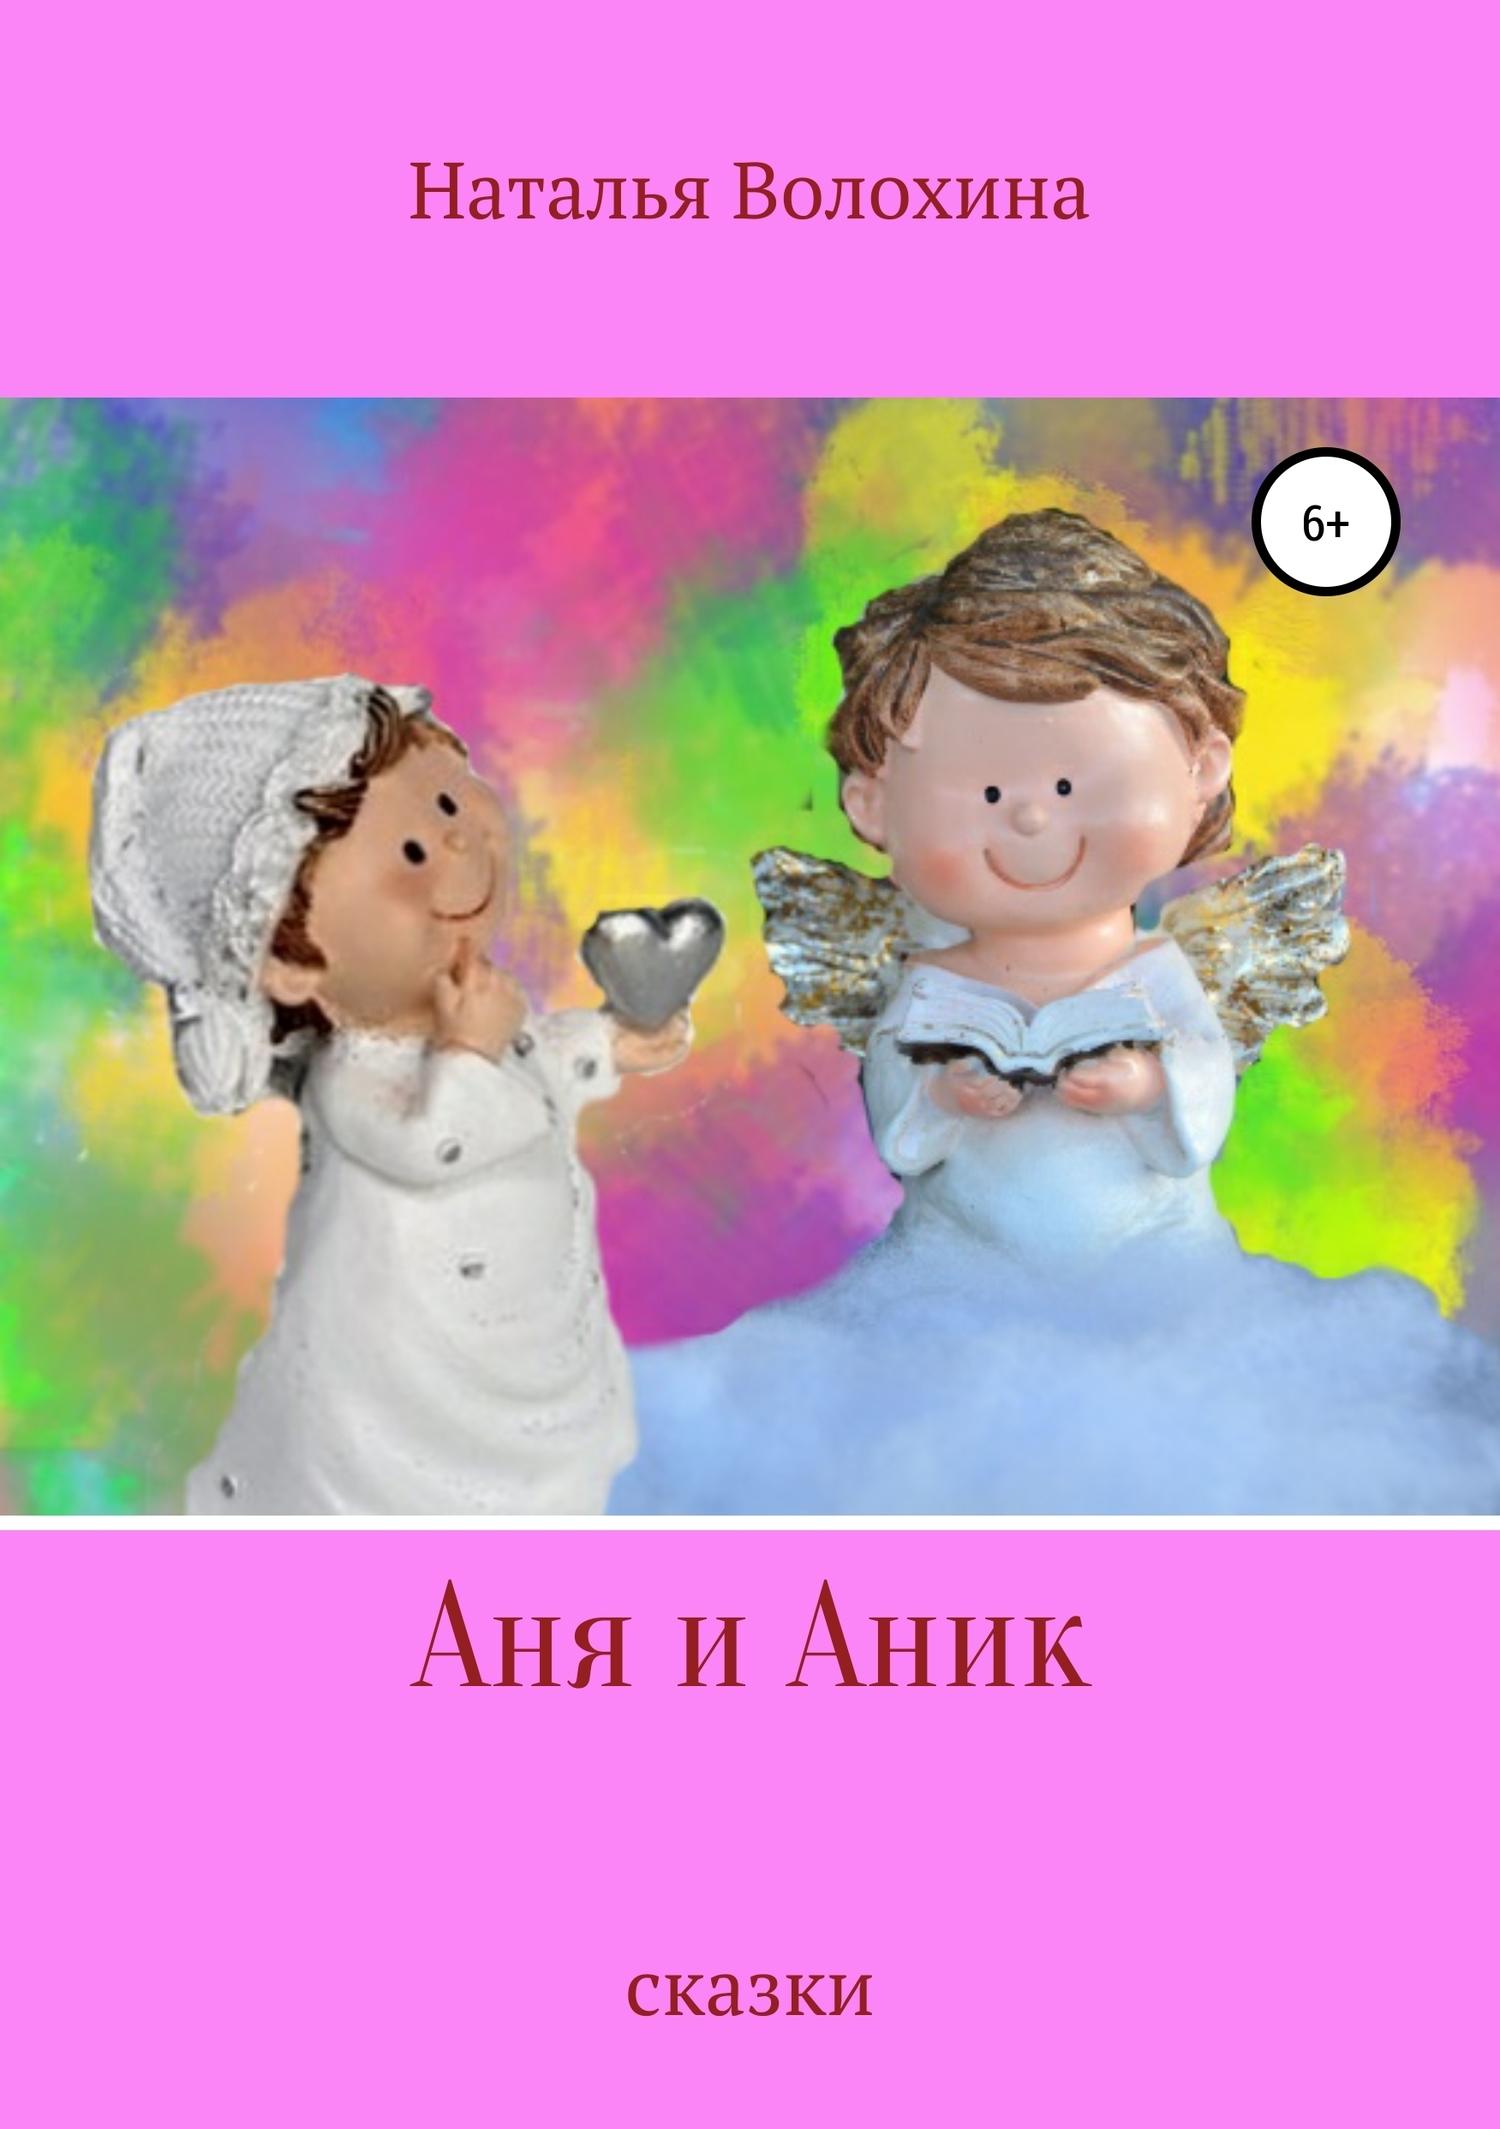 Аня и Аник